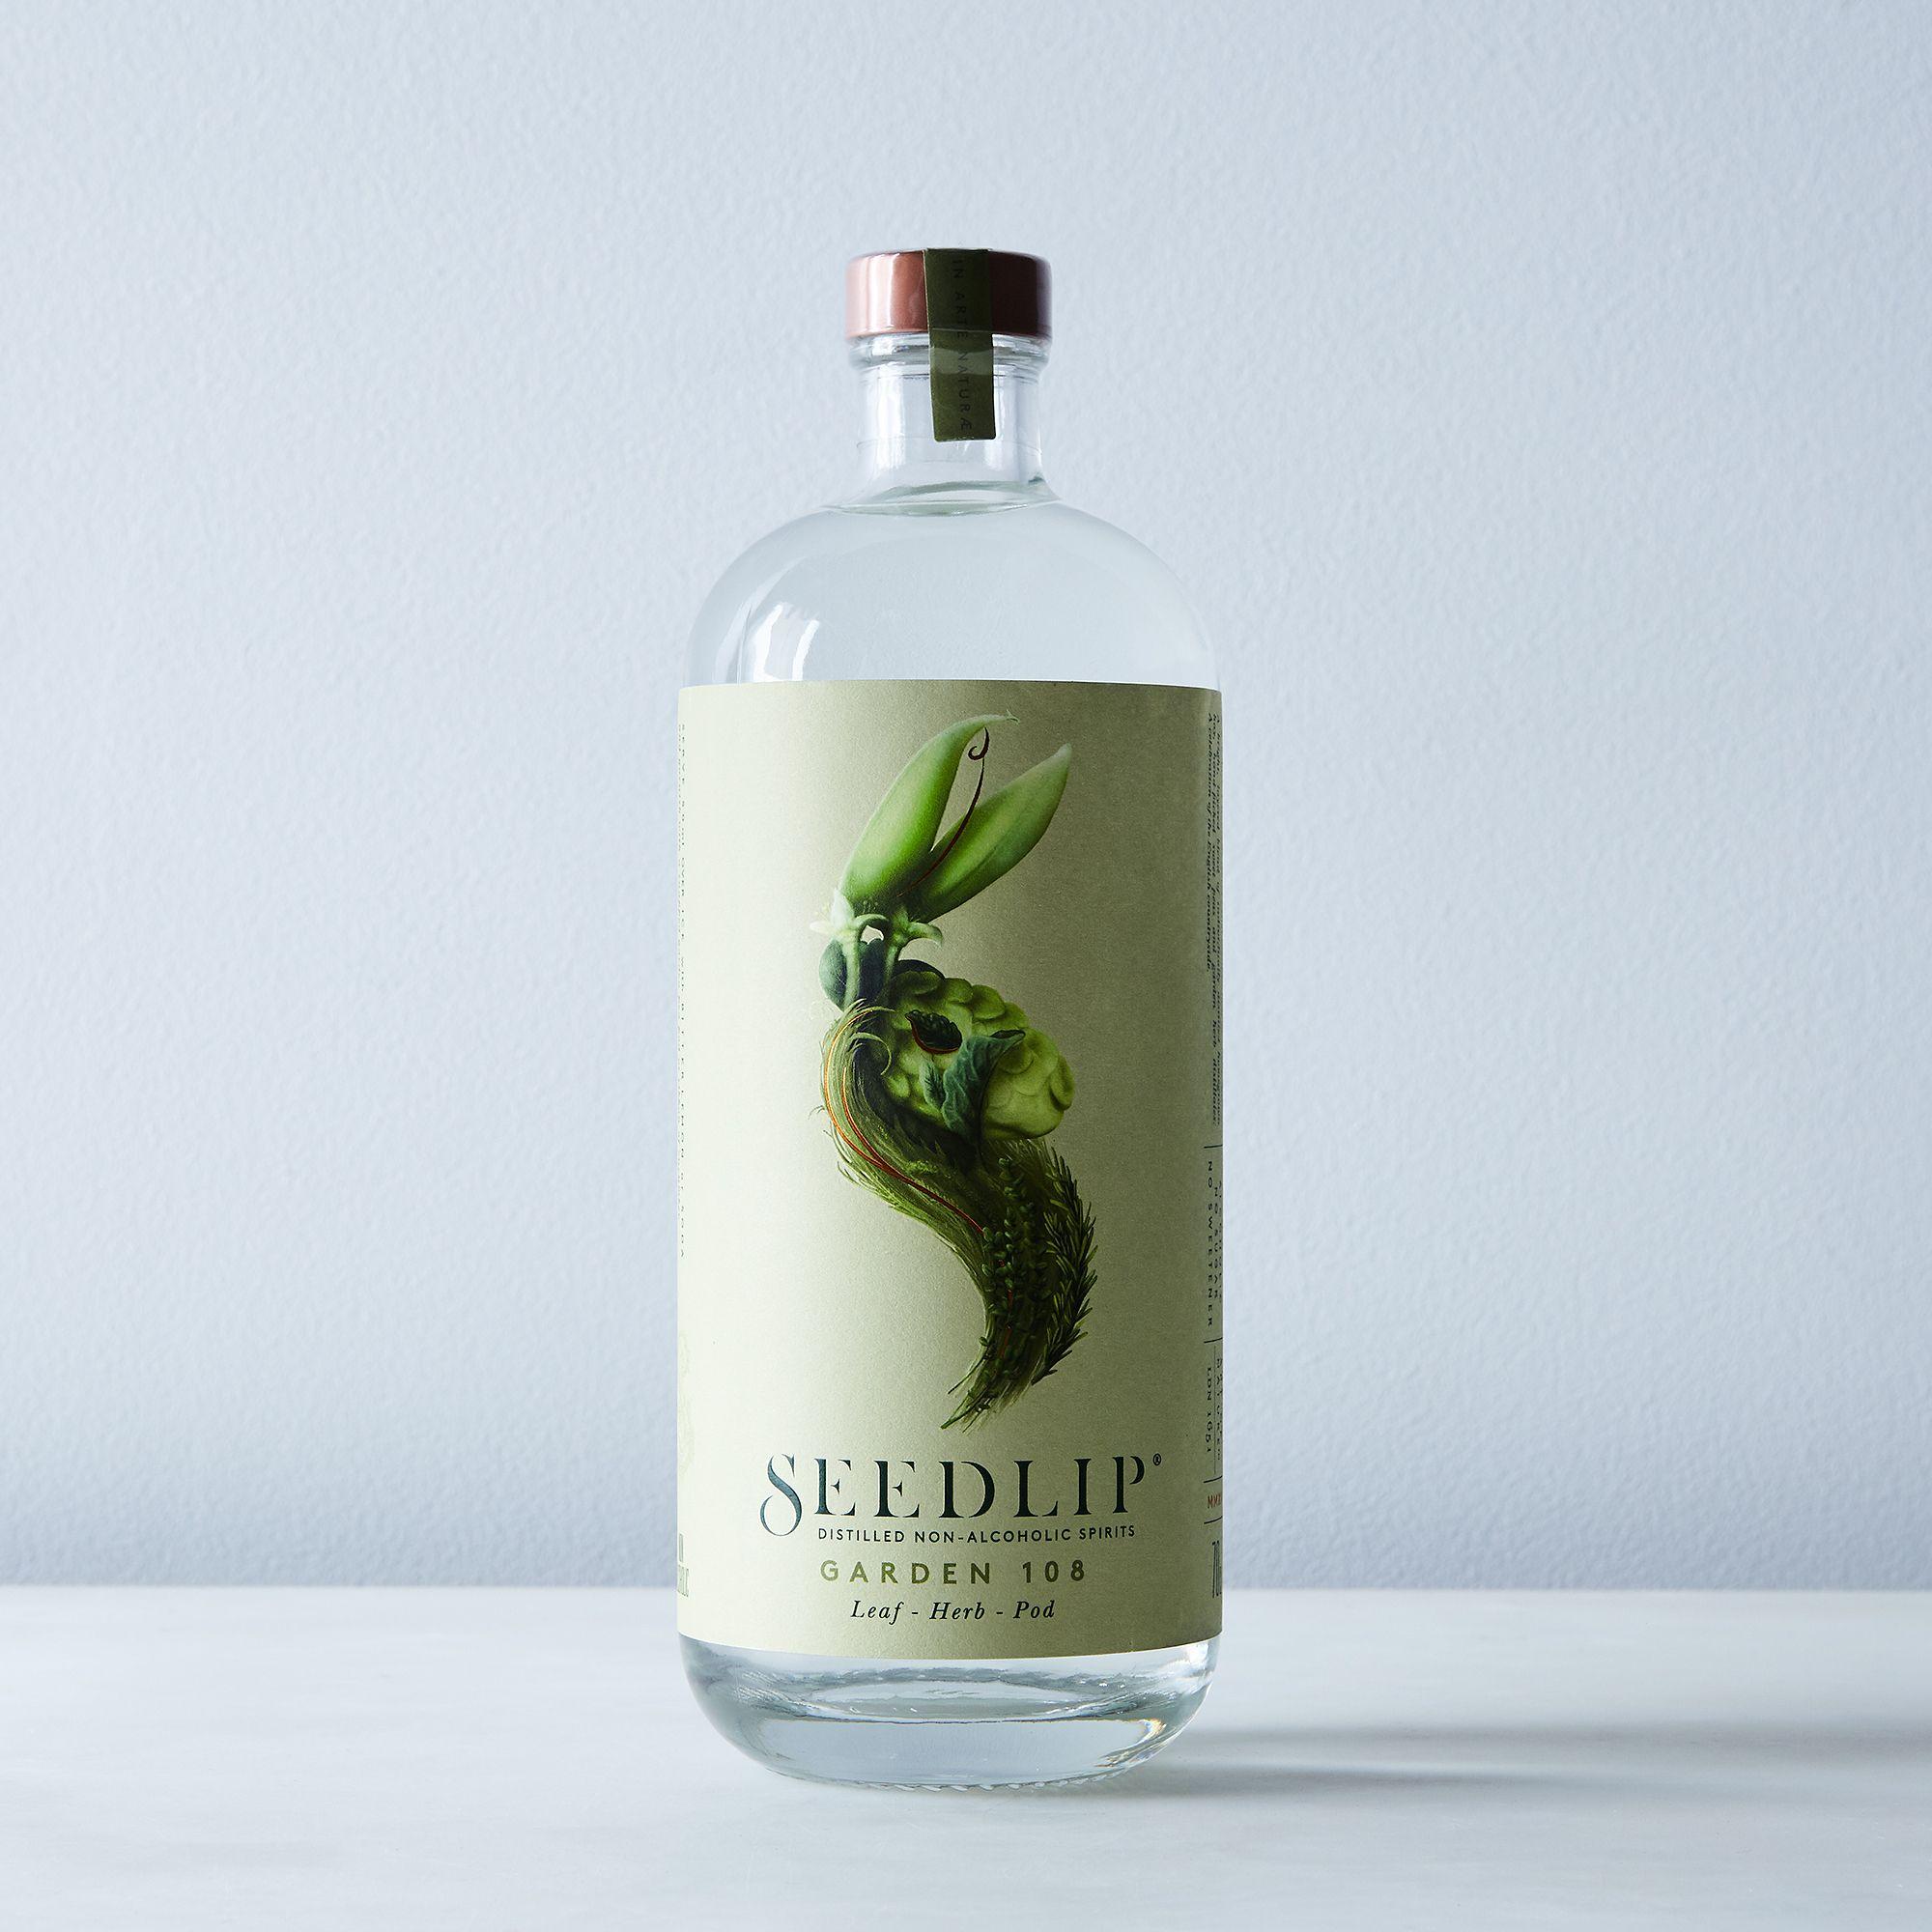 Seedlip Non-Alcoholic Spirits - Garden 108